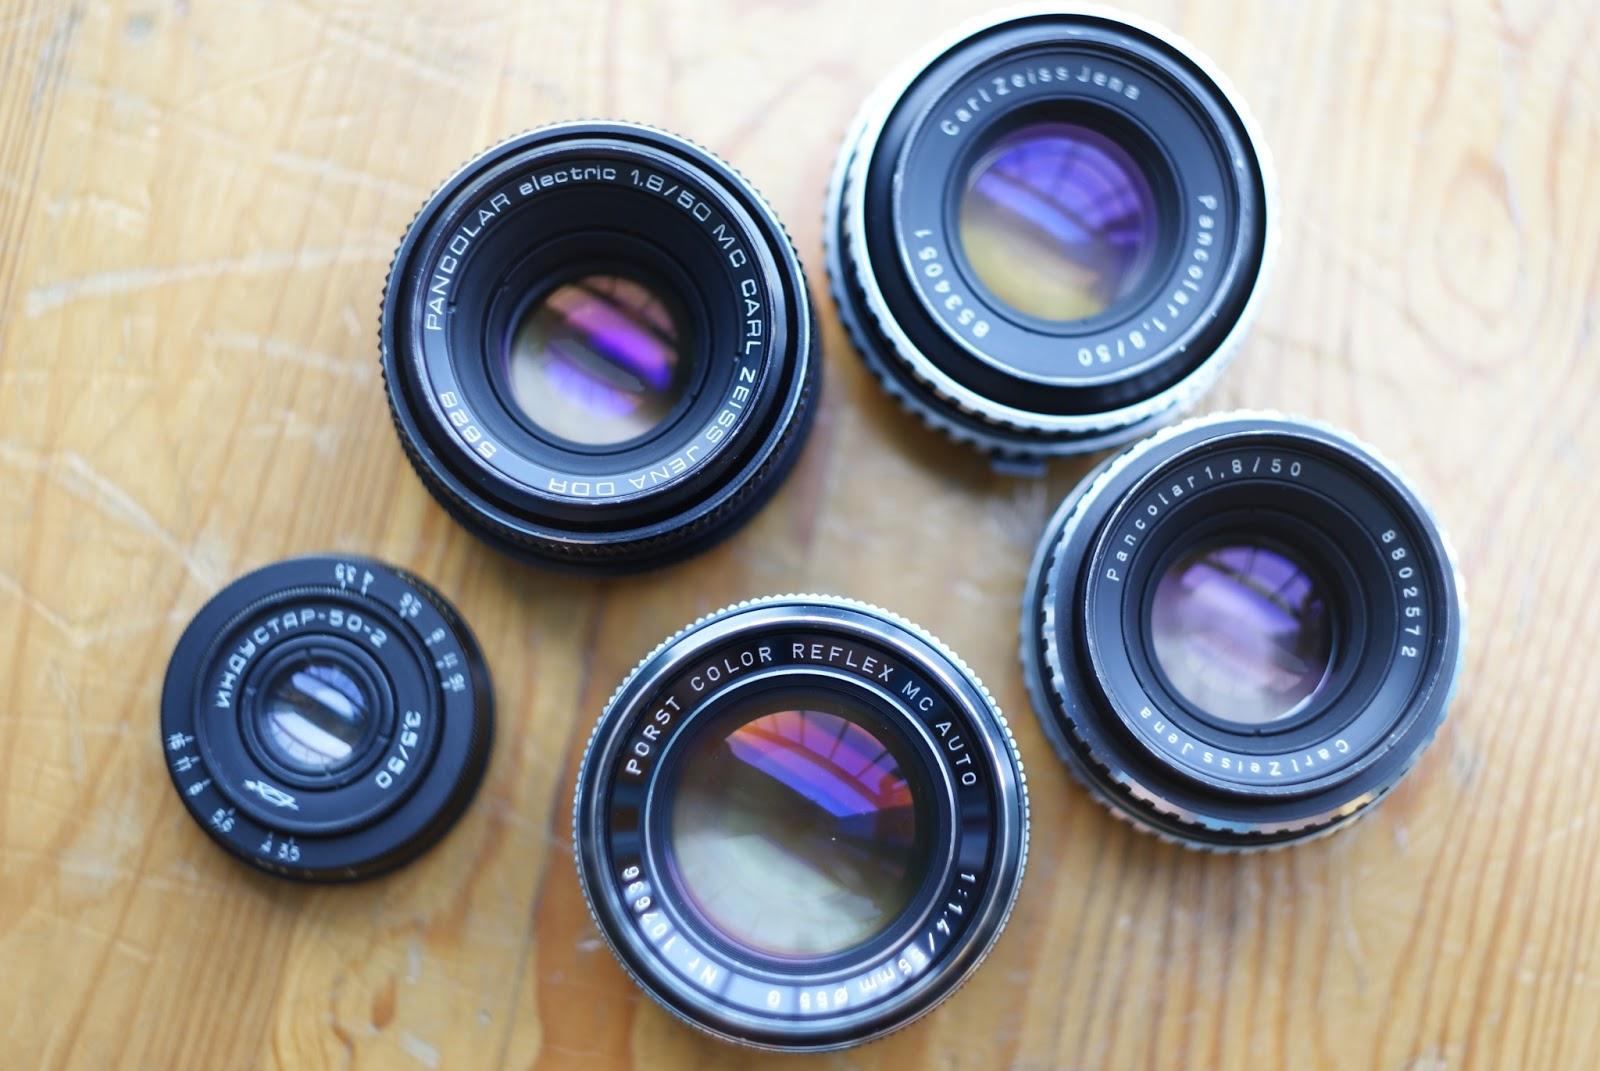 porst color reflex 1 8/50